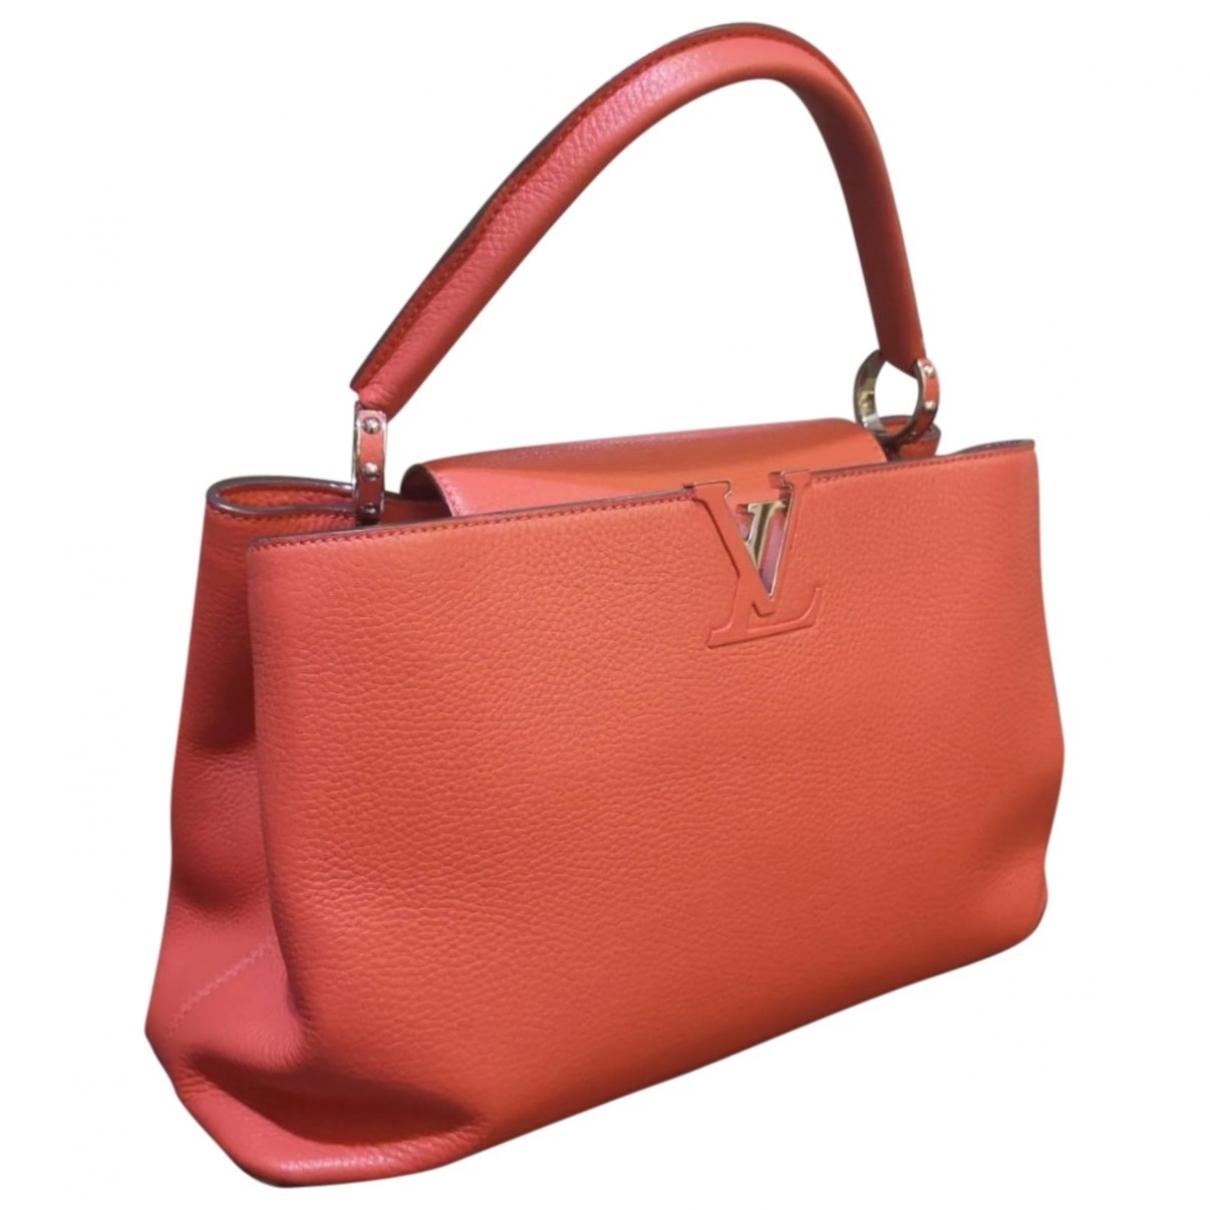 Louis Vuitton - Sac a main Capucines pour femme en cuir - rouge